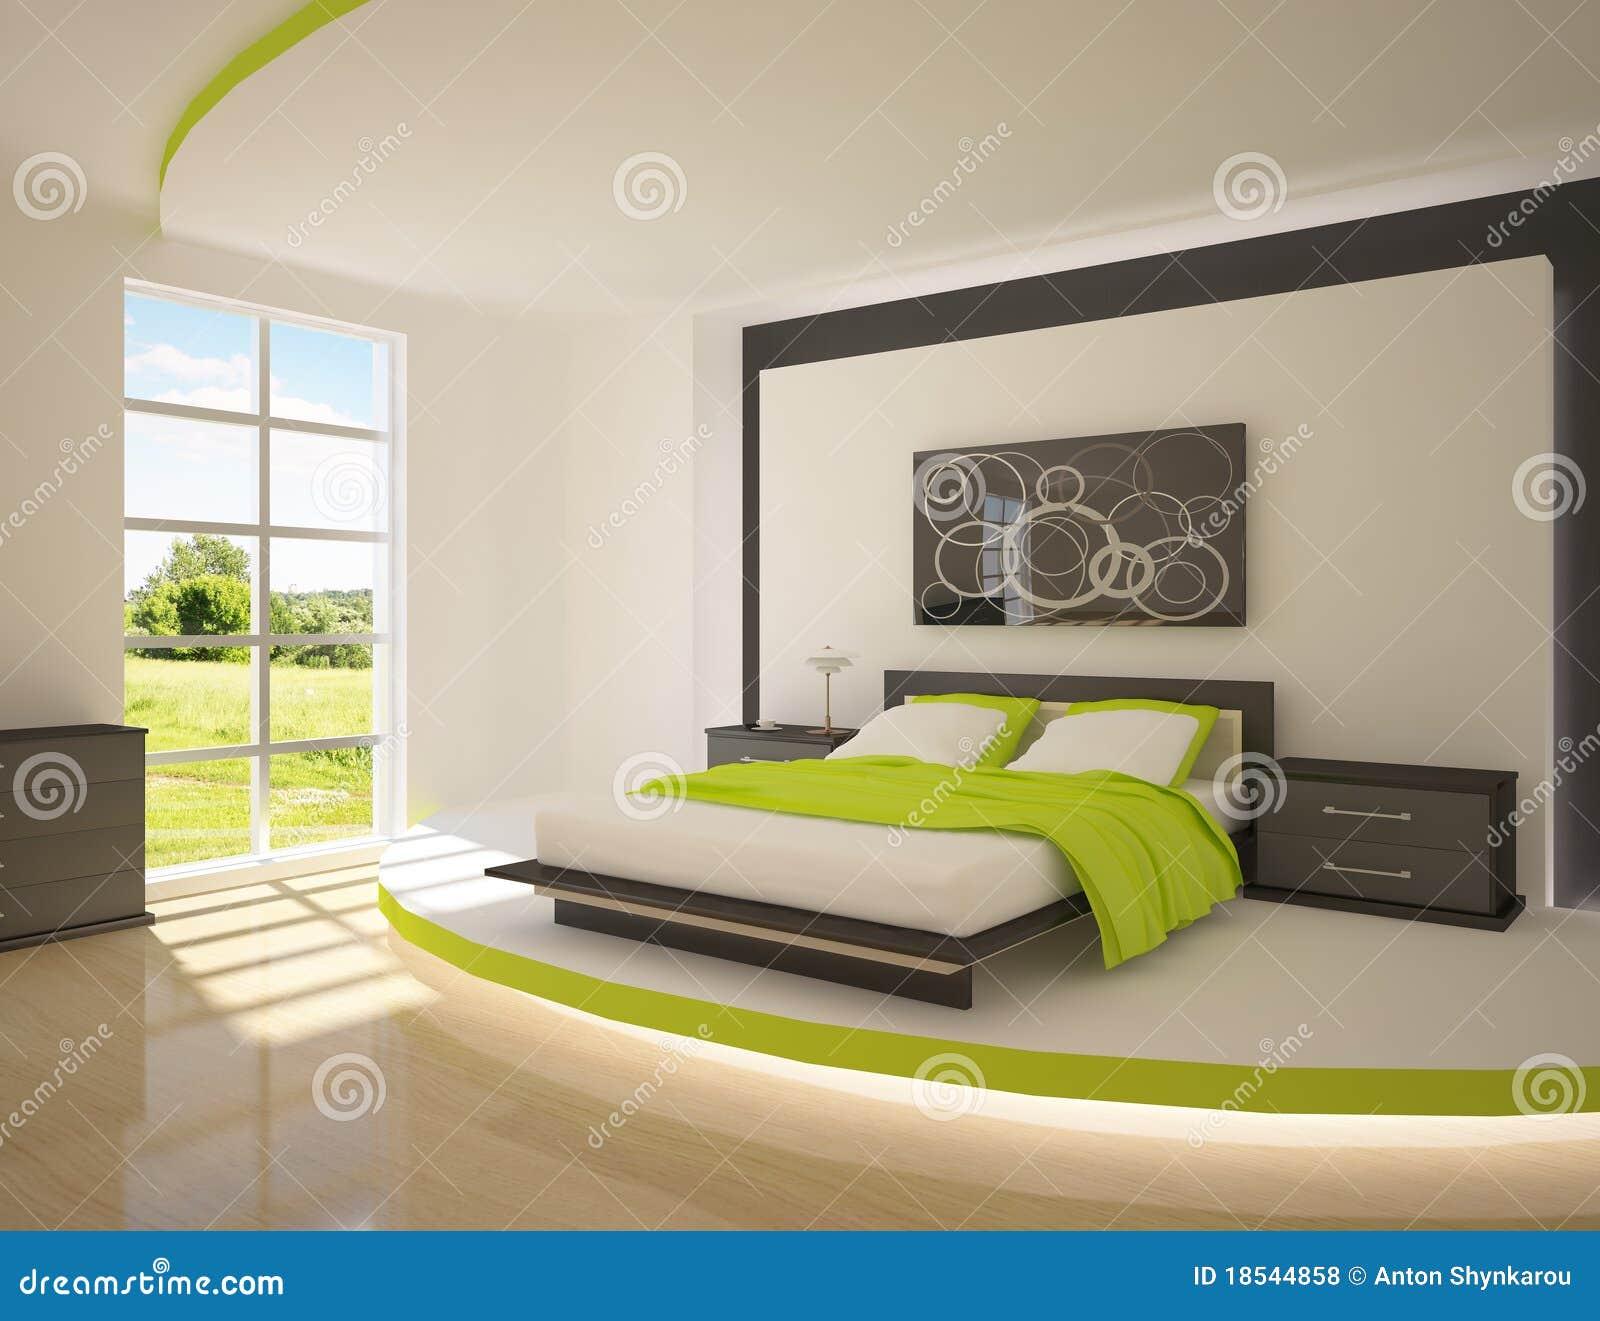 Zwarte kast schilderij - Trend schilderij slaapkamer ...